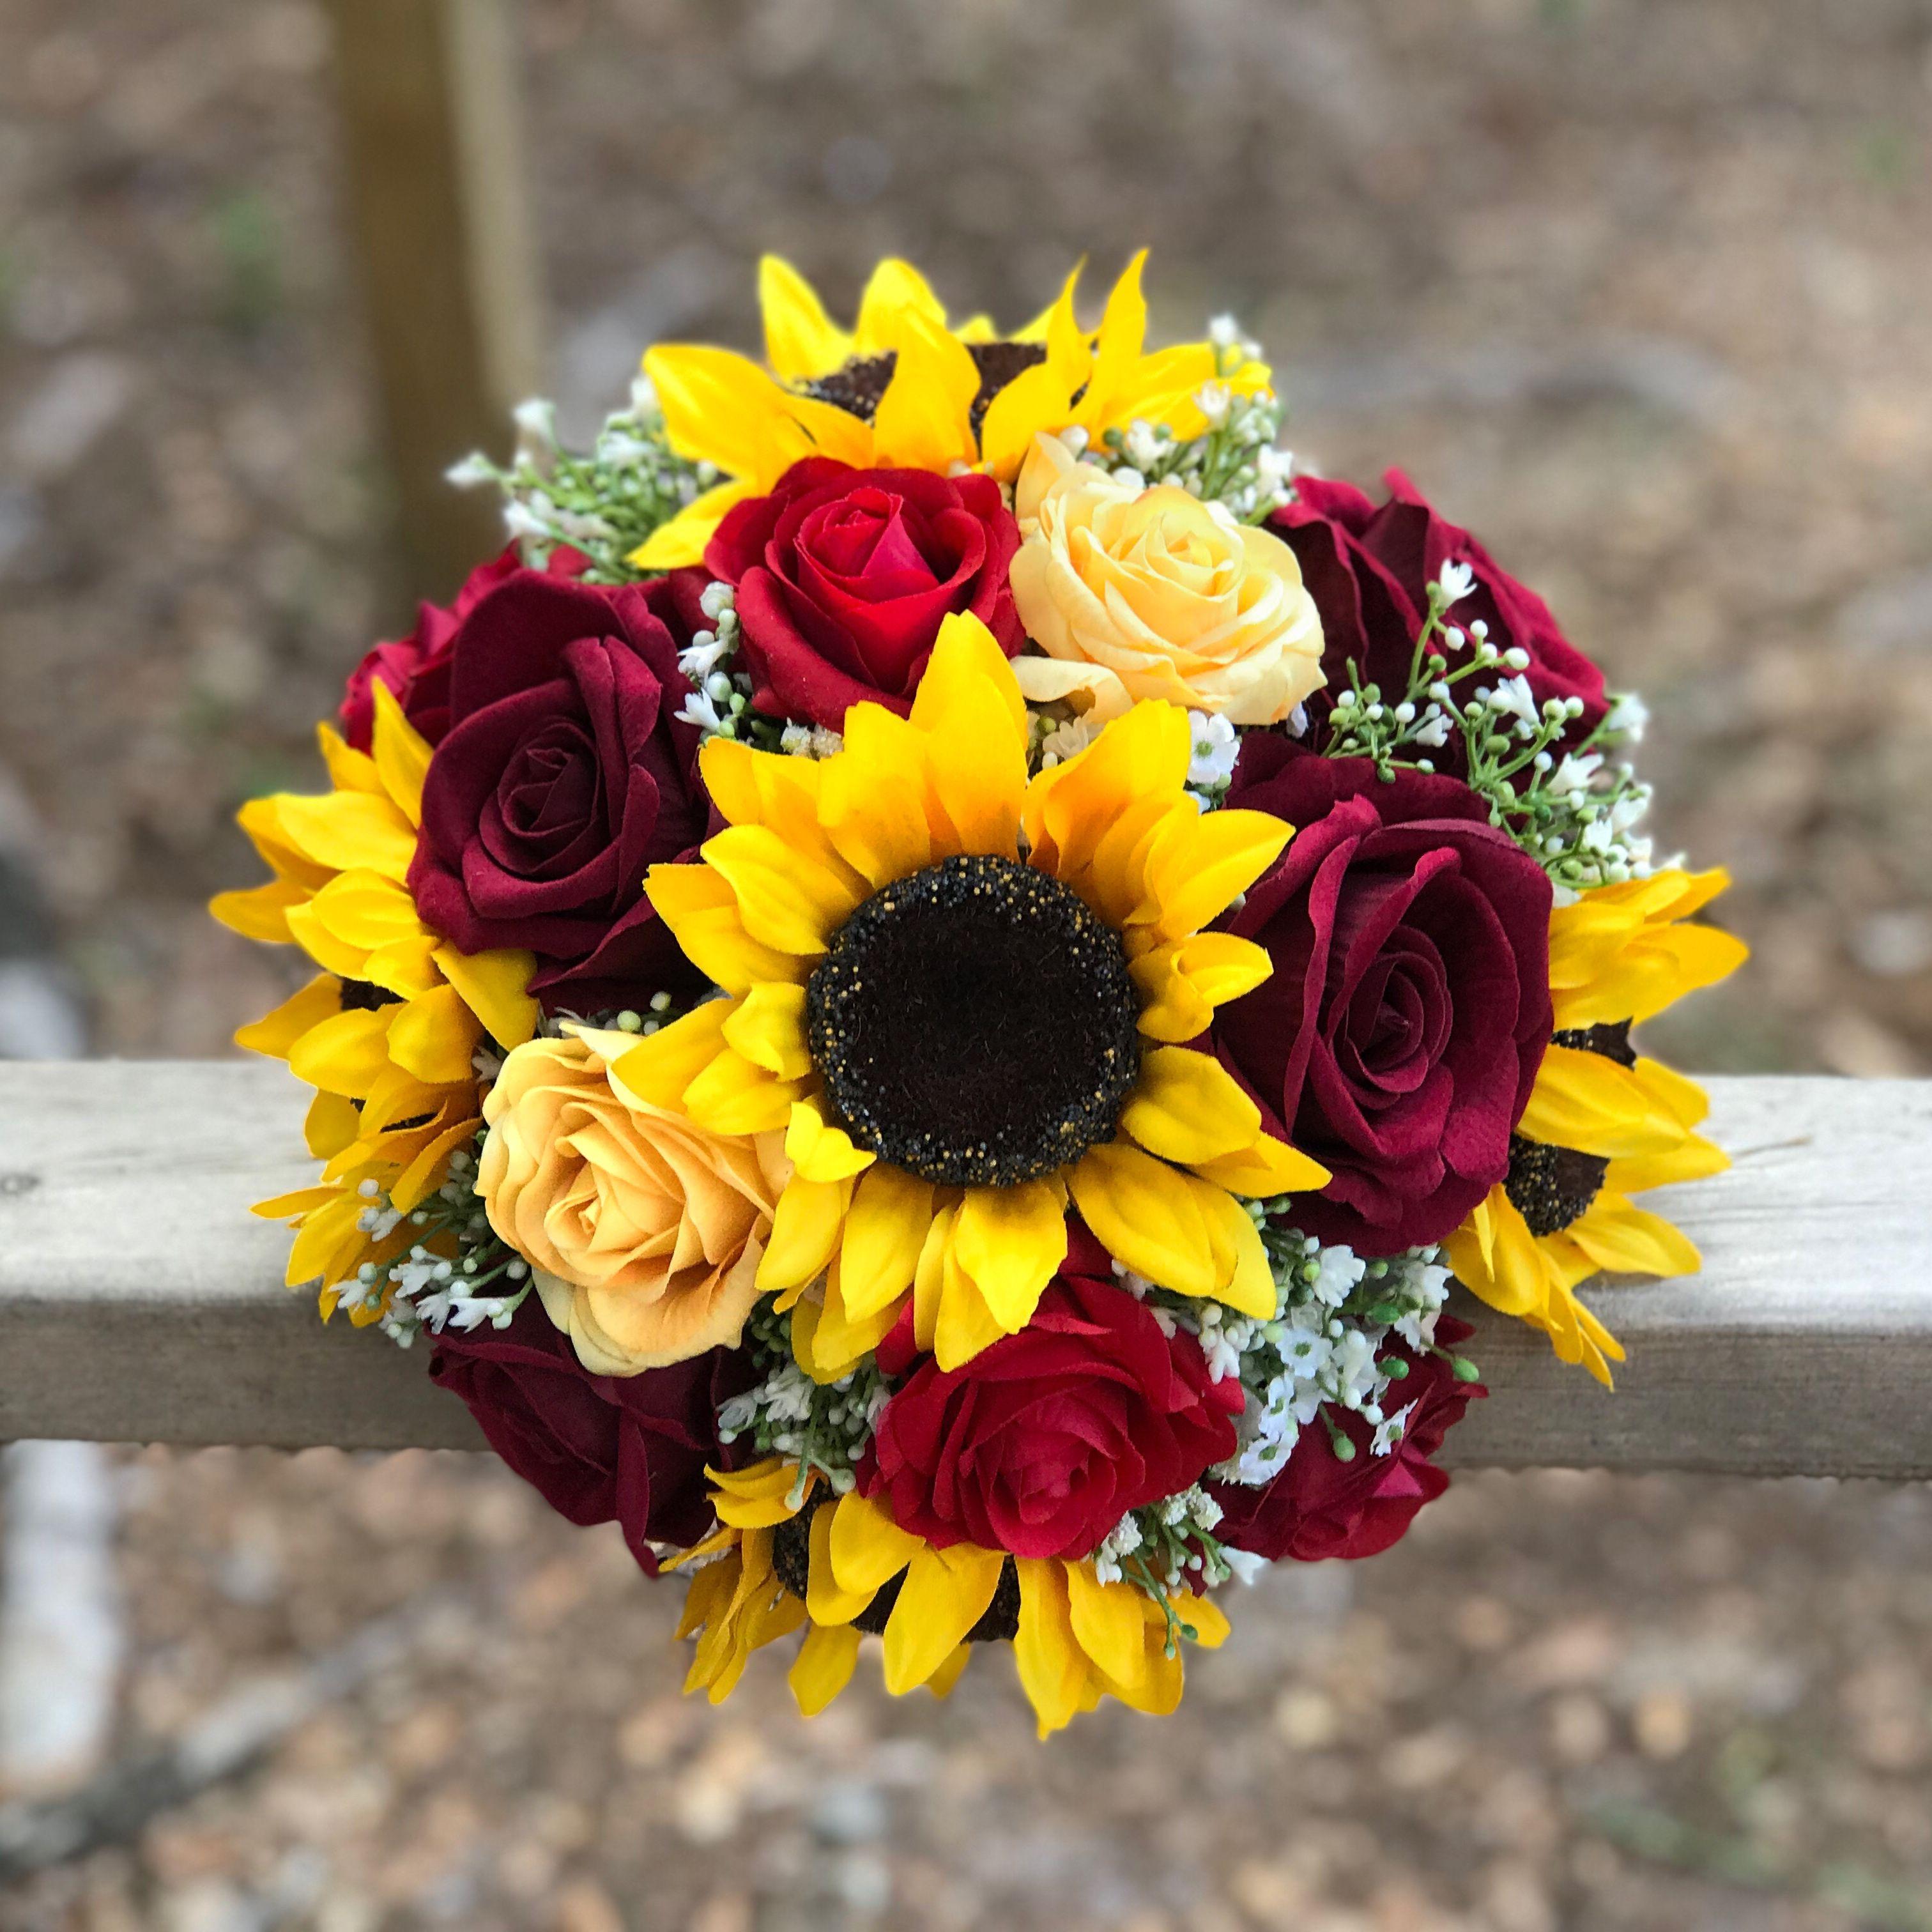 Rose And Sunflower Bouquet Bride Bouquet Sunflower Bouquet Etsy Sunflower Bridal Bouquet Sunflower Bridesmaid Bouquet Rose Bride Bouquets